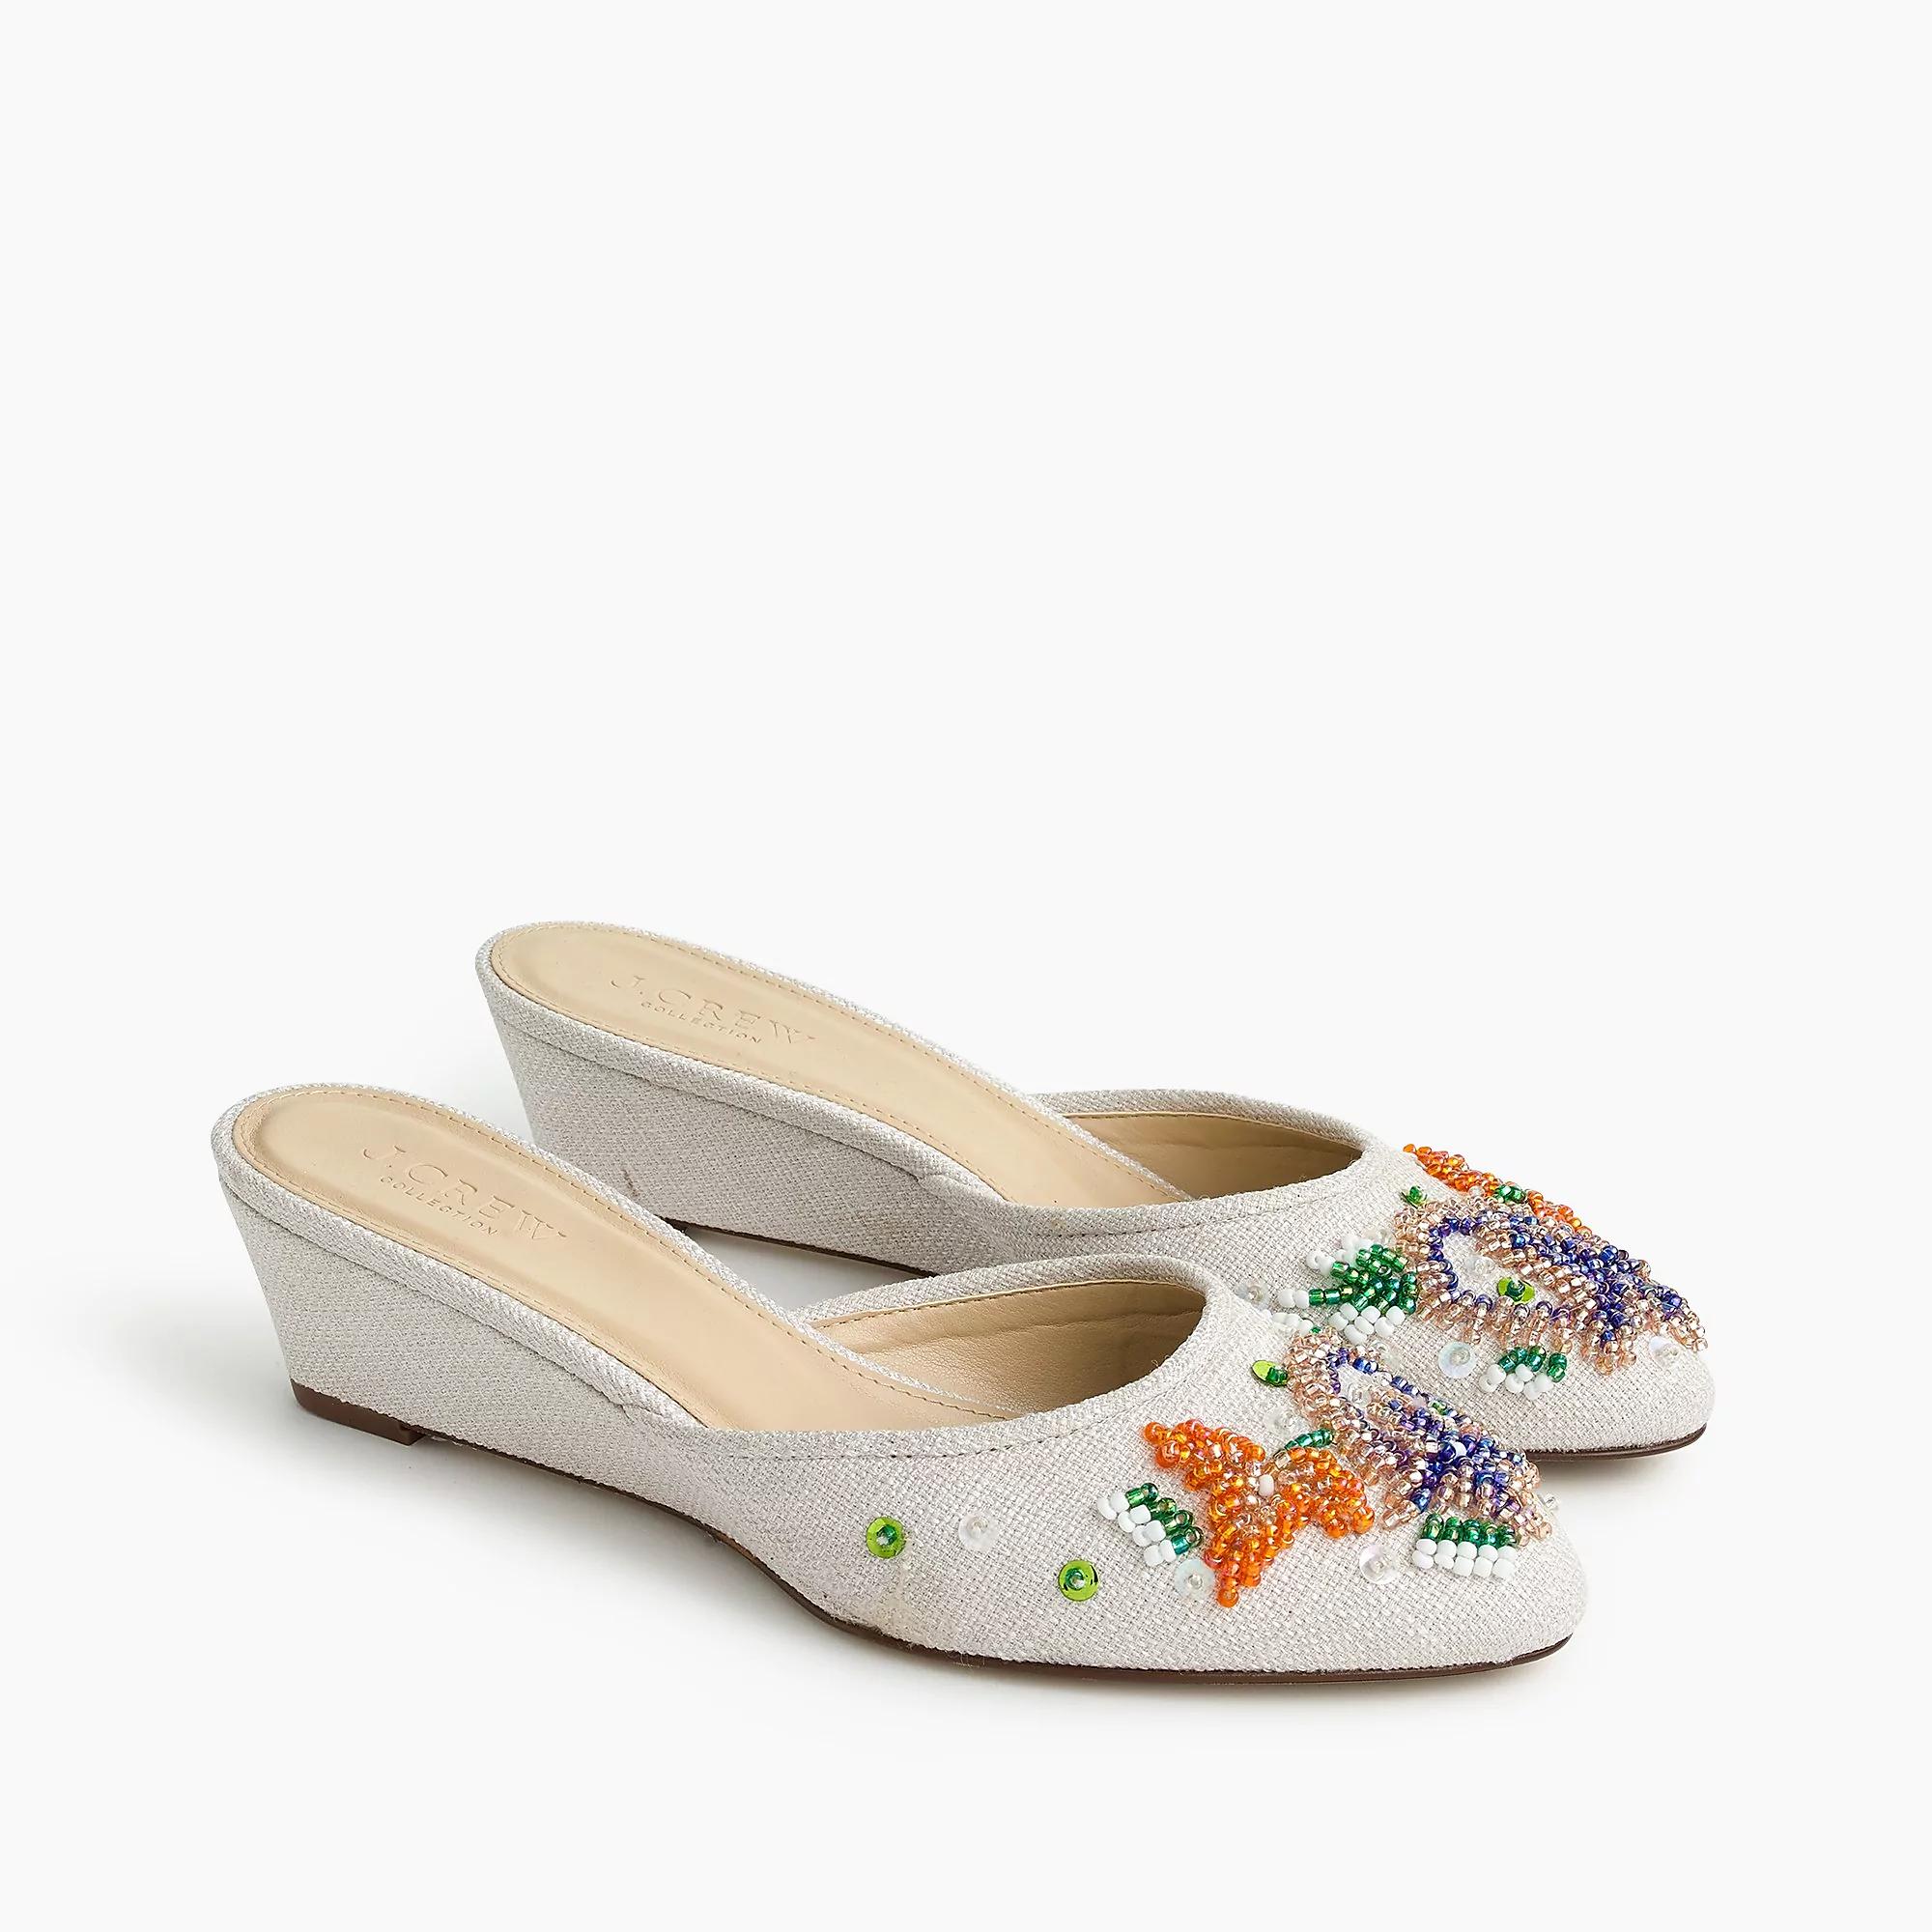 peep comfortable scholl nordstrom comfort dr flat toe comforter women sandals c womens s wedge